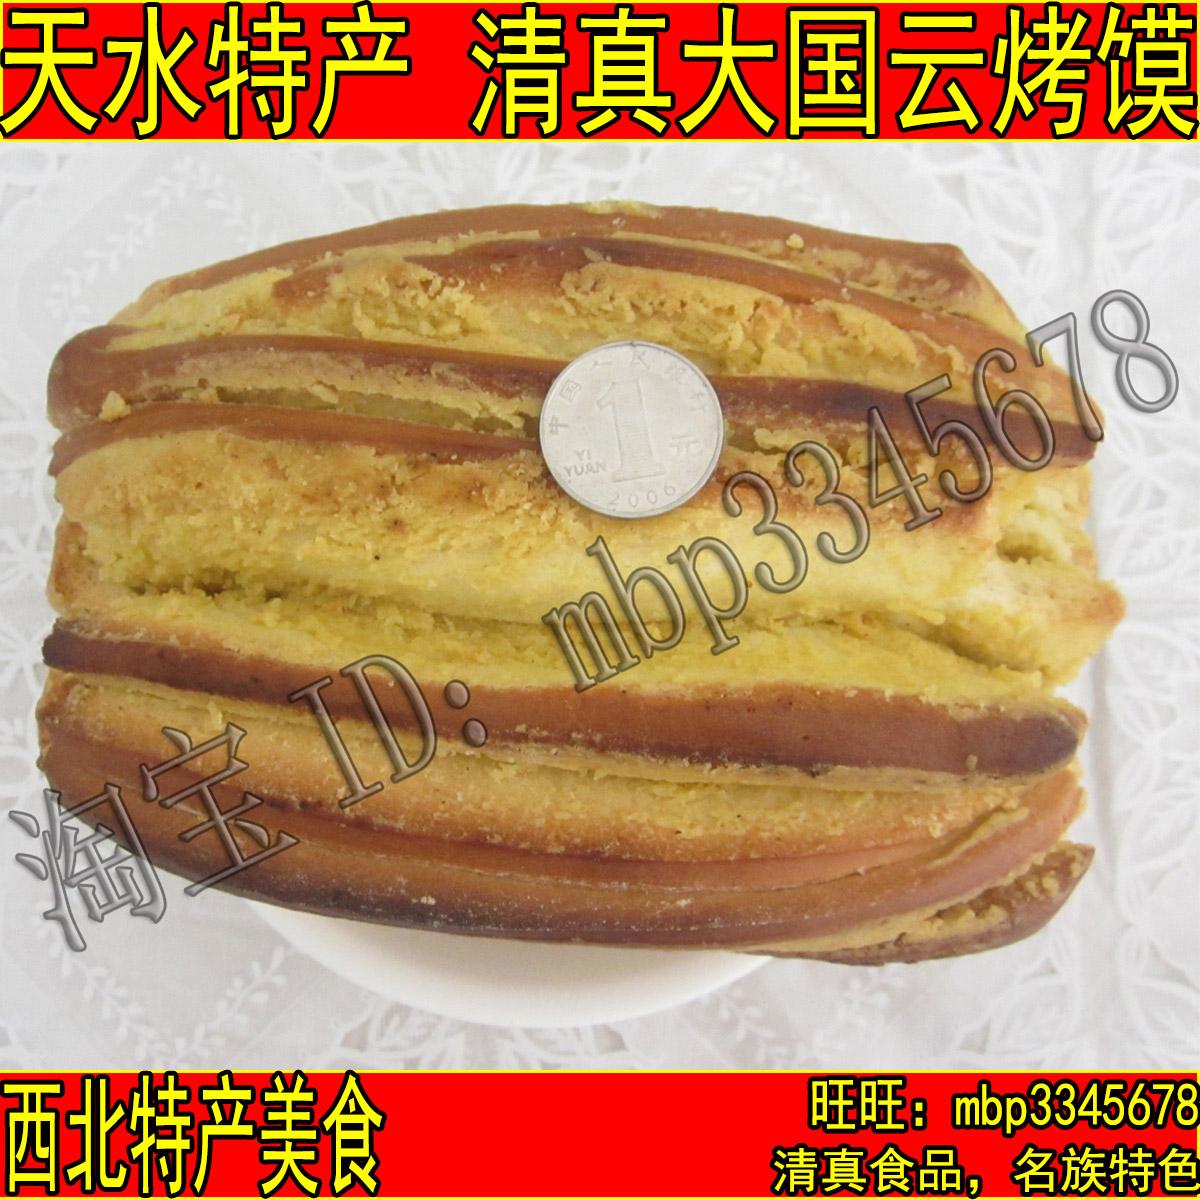 天水特产 大清真国云烤馍 群锅子 香酥烤馍 土特产制作3个包邮